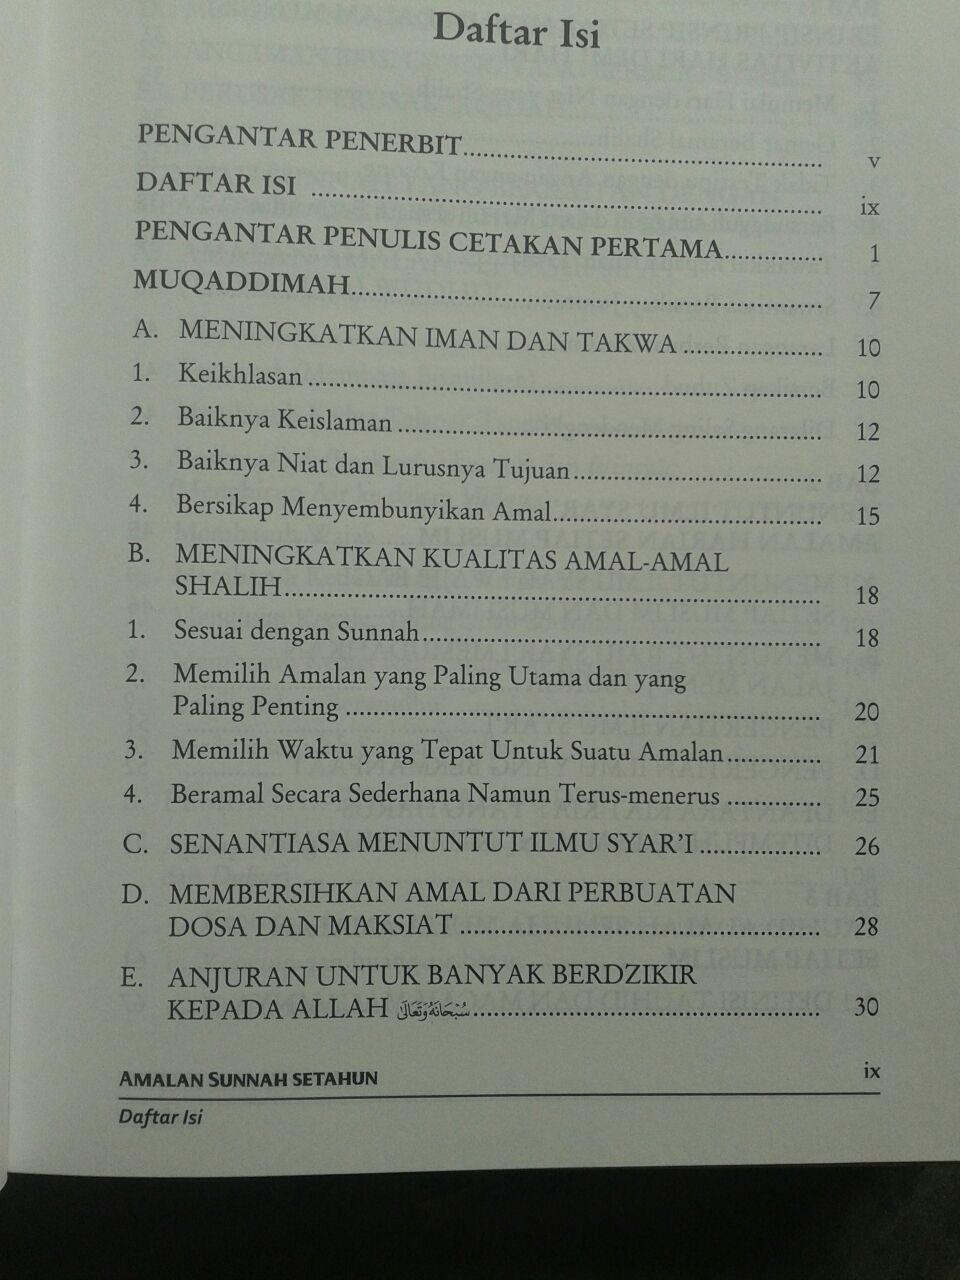 Buku Amalan Sunnah Setahun isi 3